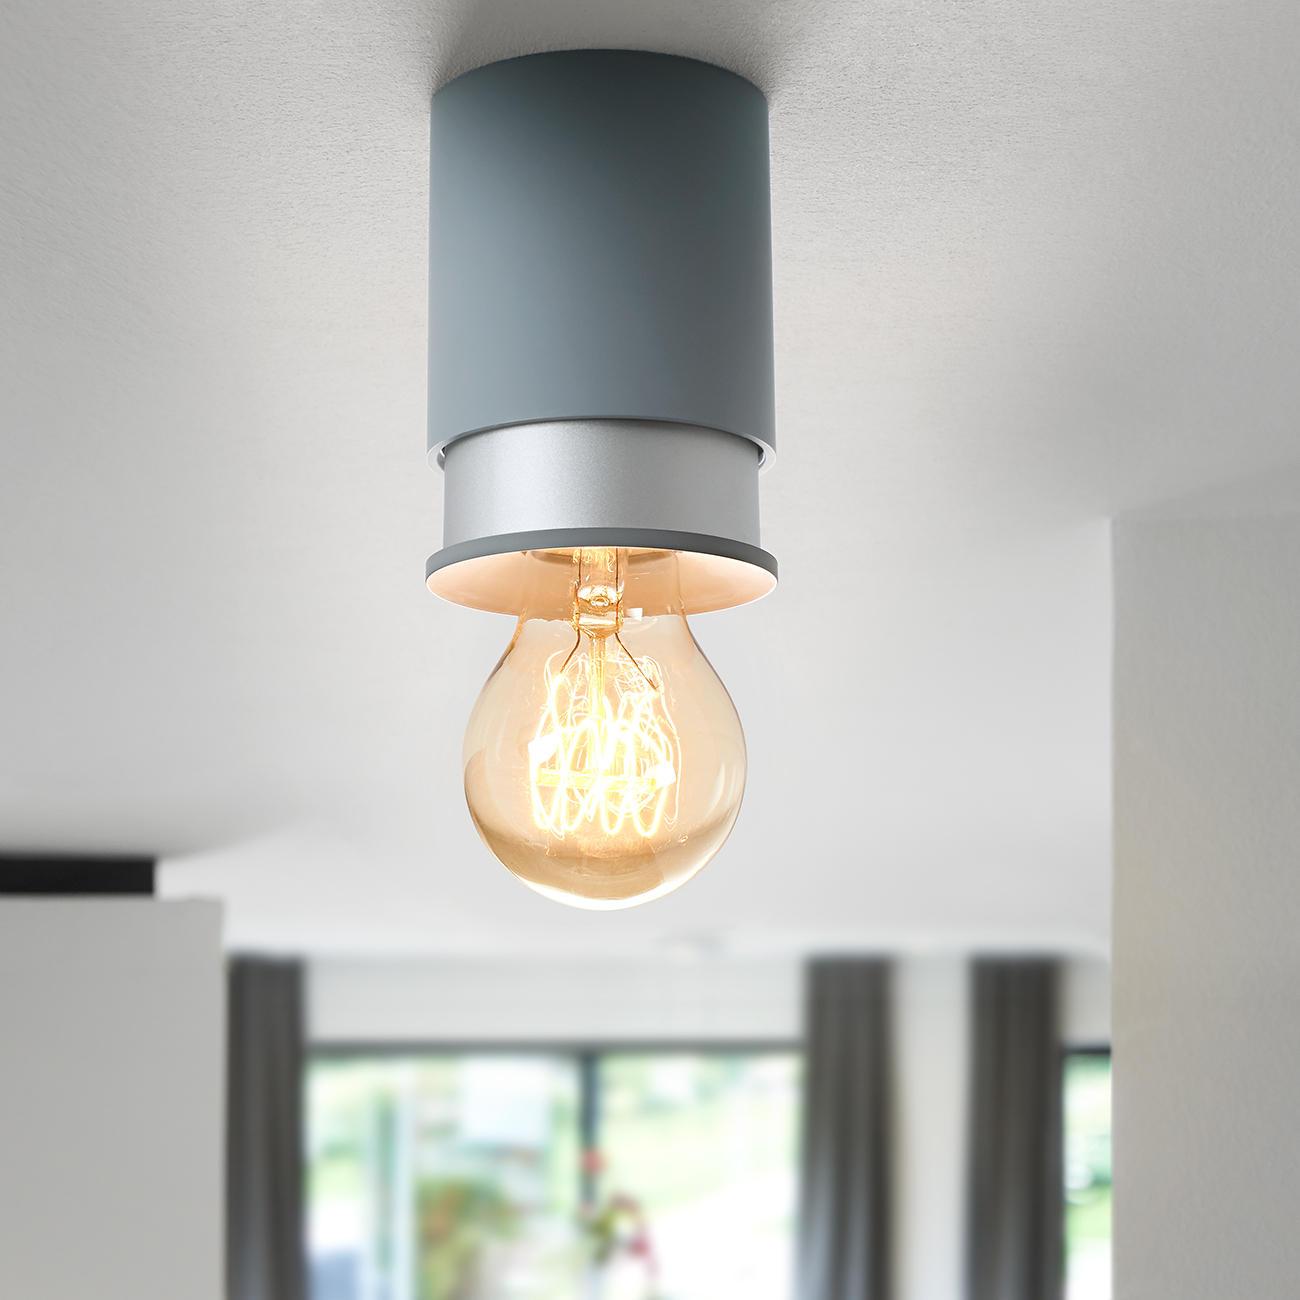 twister lighting deckenleuchte classic wei kaufen. Black Bedroom Furniture Sets. Home Design Ideas